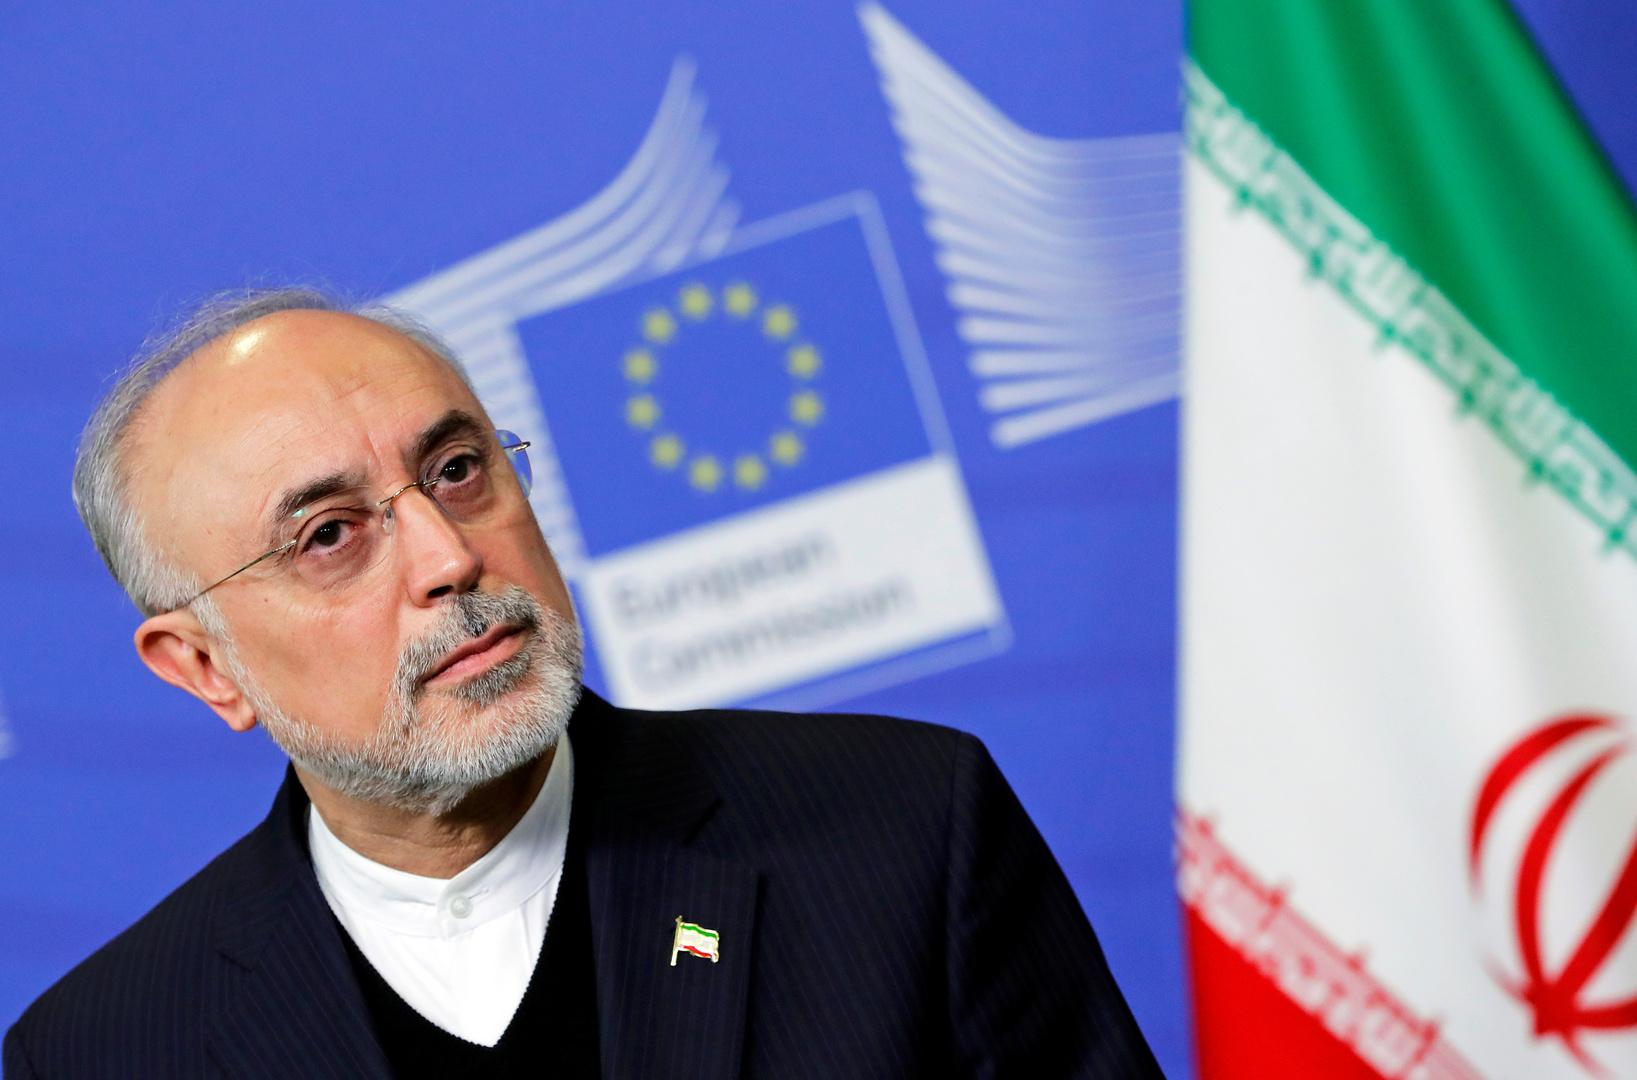 الطاقة الذرية الإيرانية: تخصيب اليورانيوم في منشأة نطنز لم يتوقف ومستمر بقوة